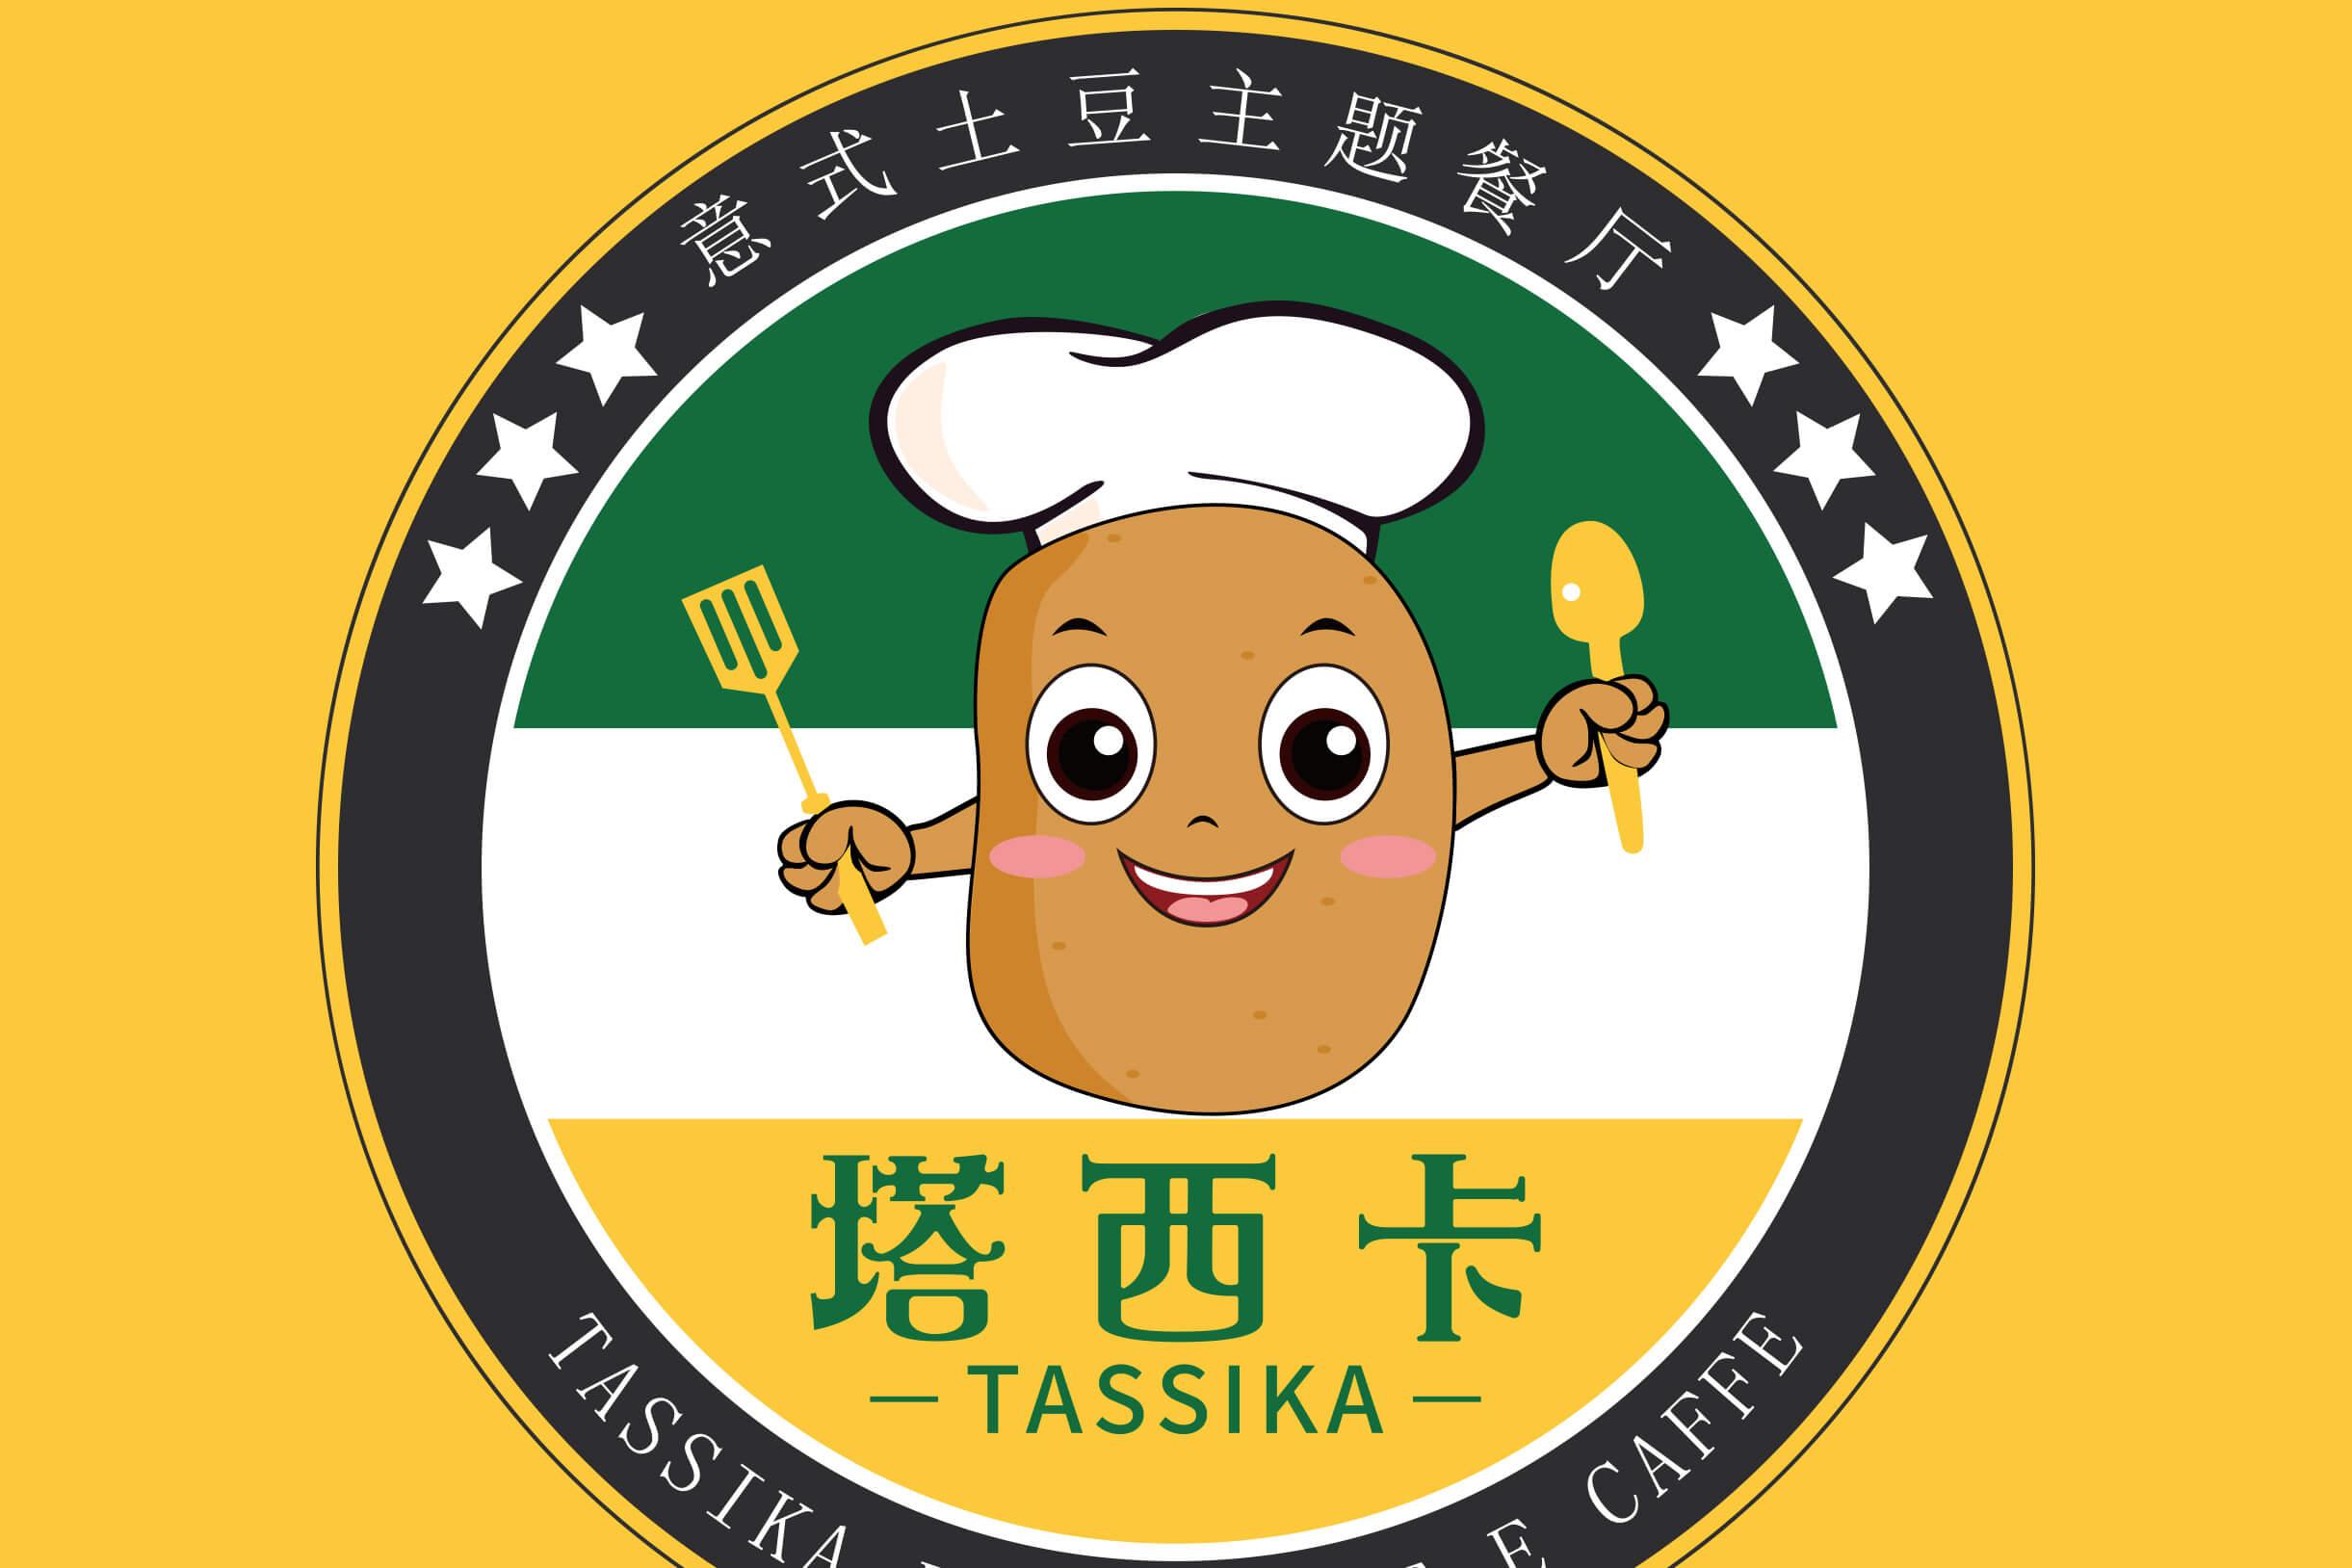 塔西卡意式风尚美食